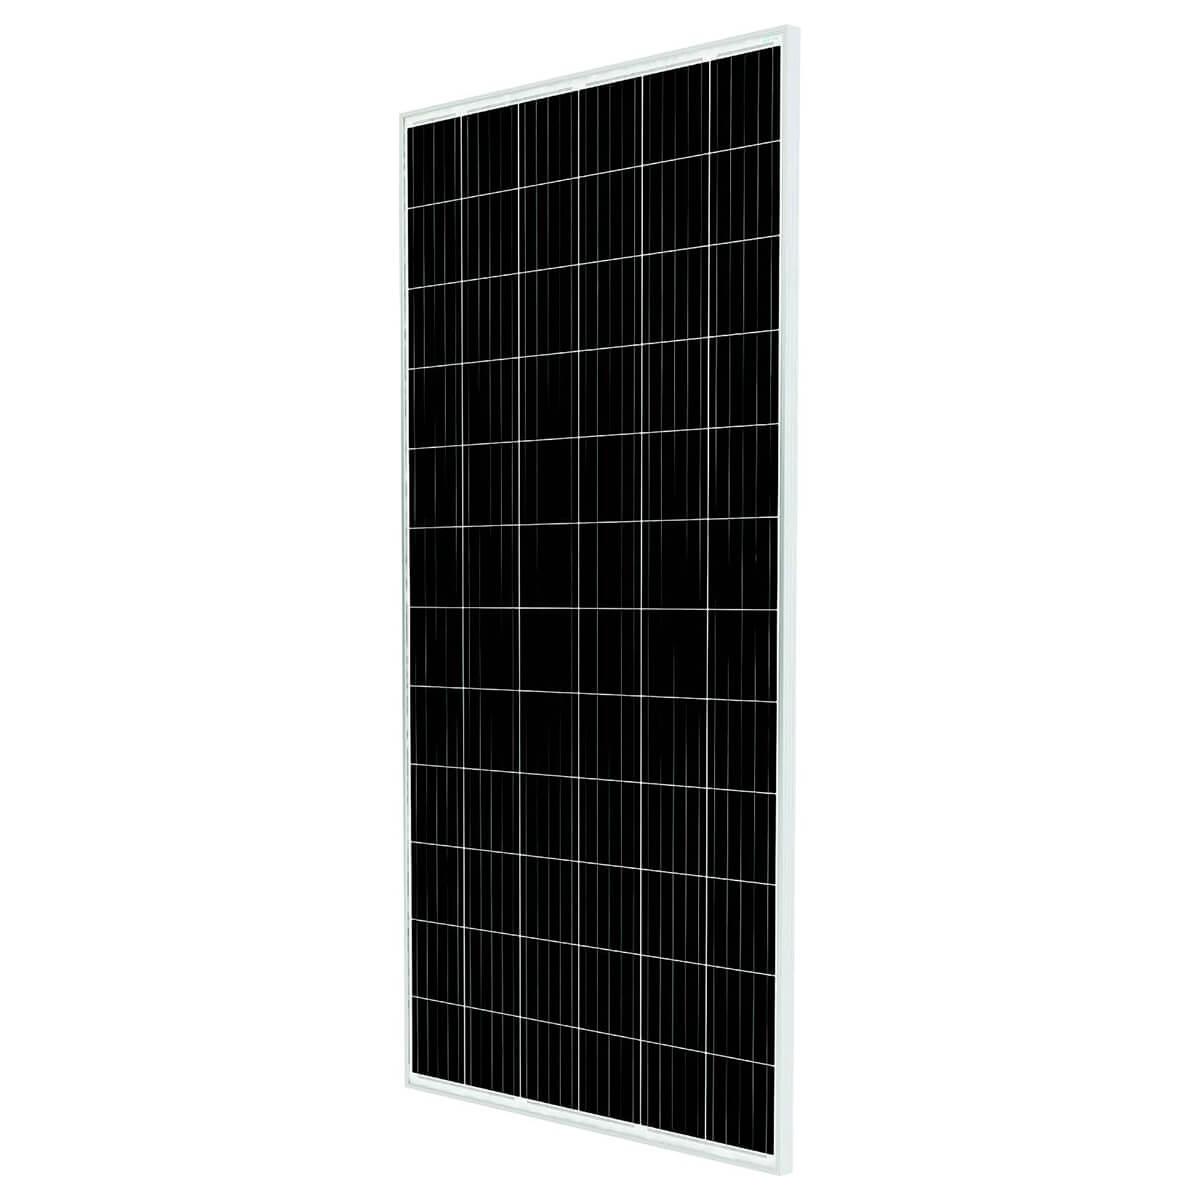 tommatech 400W panel, tommatech 400Watt panel, tommatech 400 W panel, tommatech 400 Watt panel, tommatech 400 Watt monokristal panel, tommatech 400 W watt gunes paneli, tommatech 400 W watt monokristal gunes paneli, tommatech 400 W Watt fotovoltaik monokristal solar panel, tommatech 400W monokristal gunes enerjisi, tommatech TT400-72PM-400W panel, TOMMATECH 400 WATT